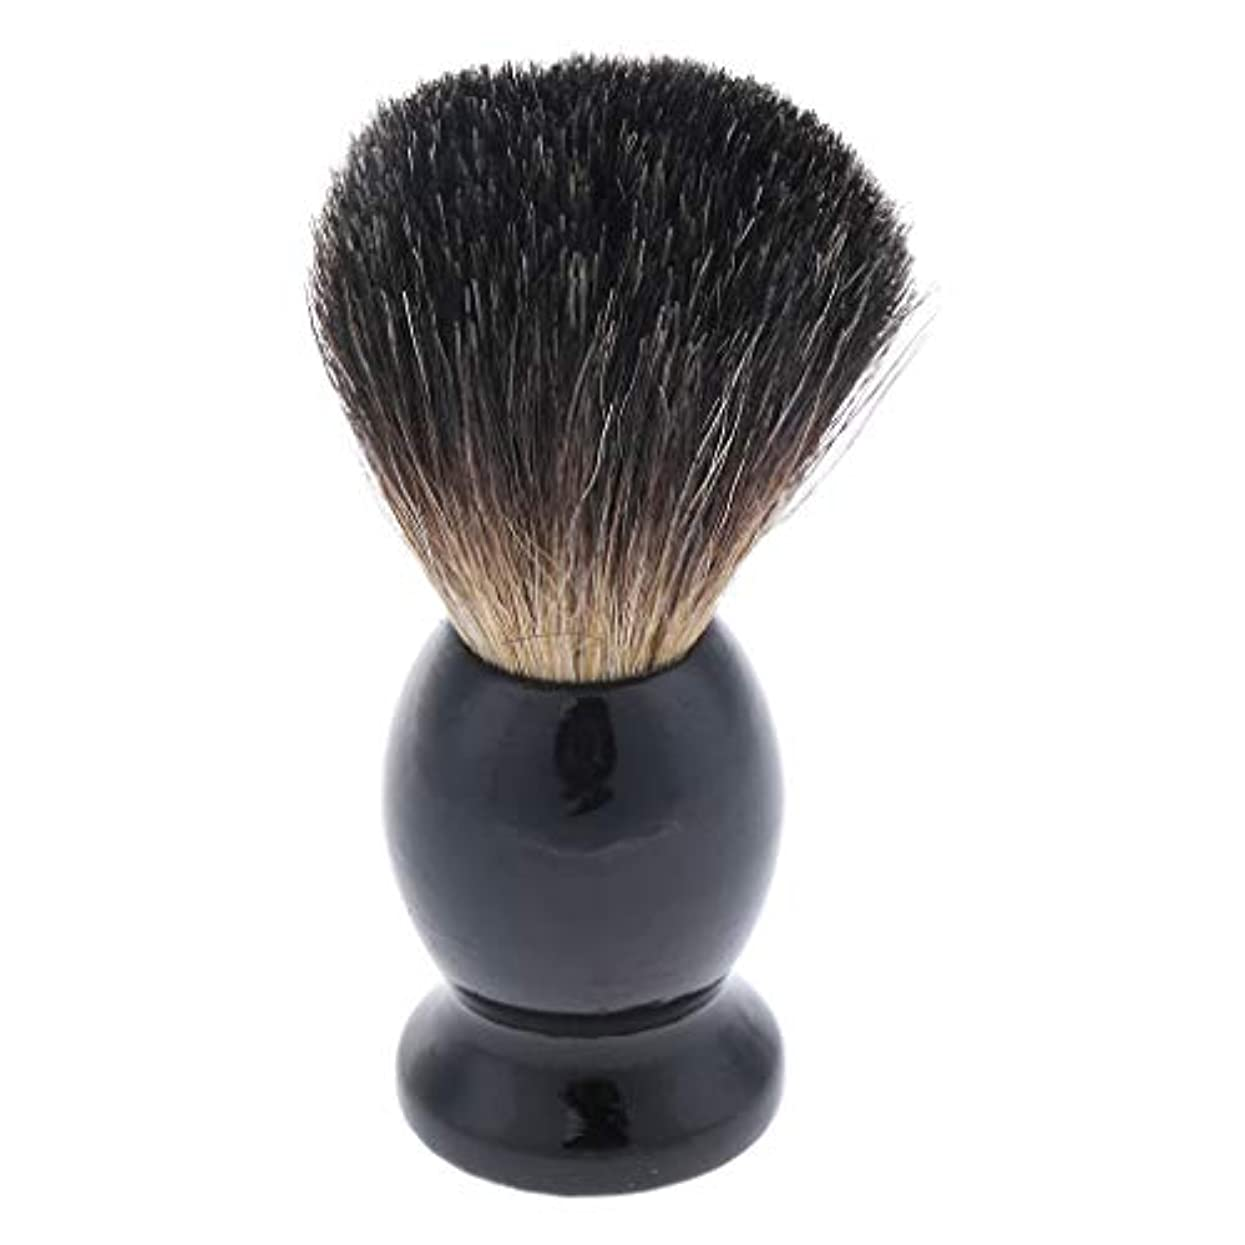 ジャングル金銭的ジャンクHellery メンズ ひげブラシ シェービングブラシ ひげ剃りブラシ 木製ハンドル 父 贈り物